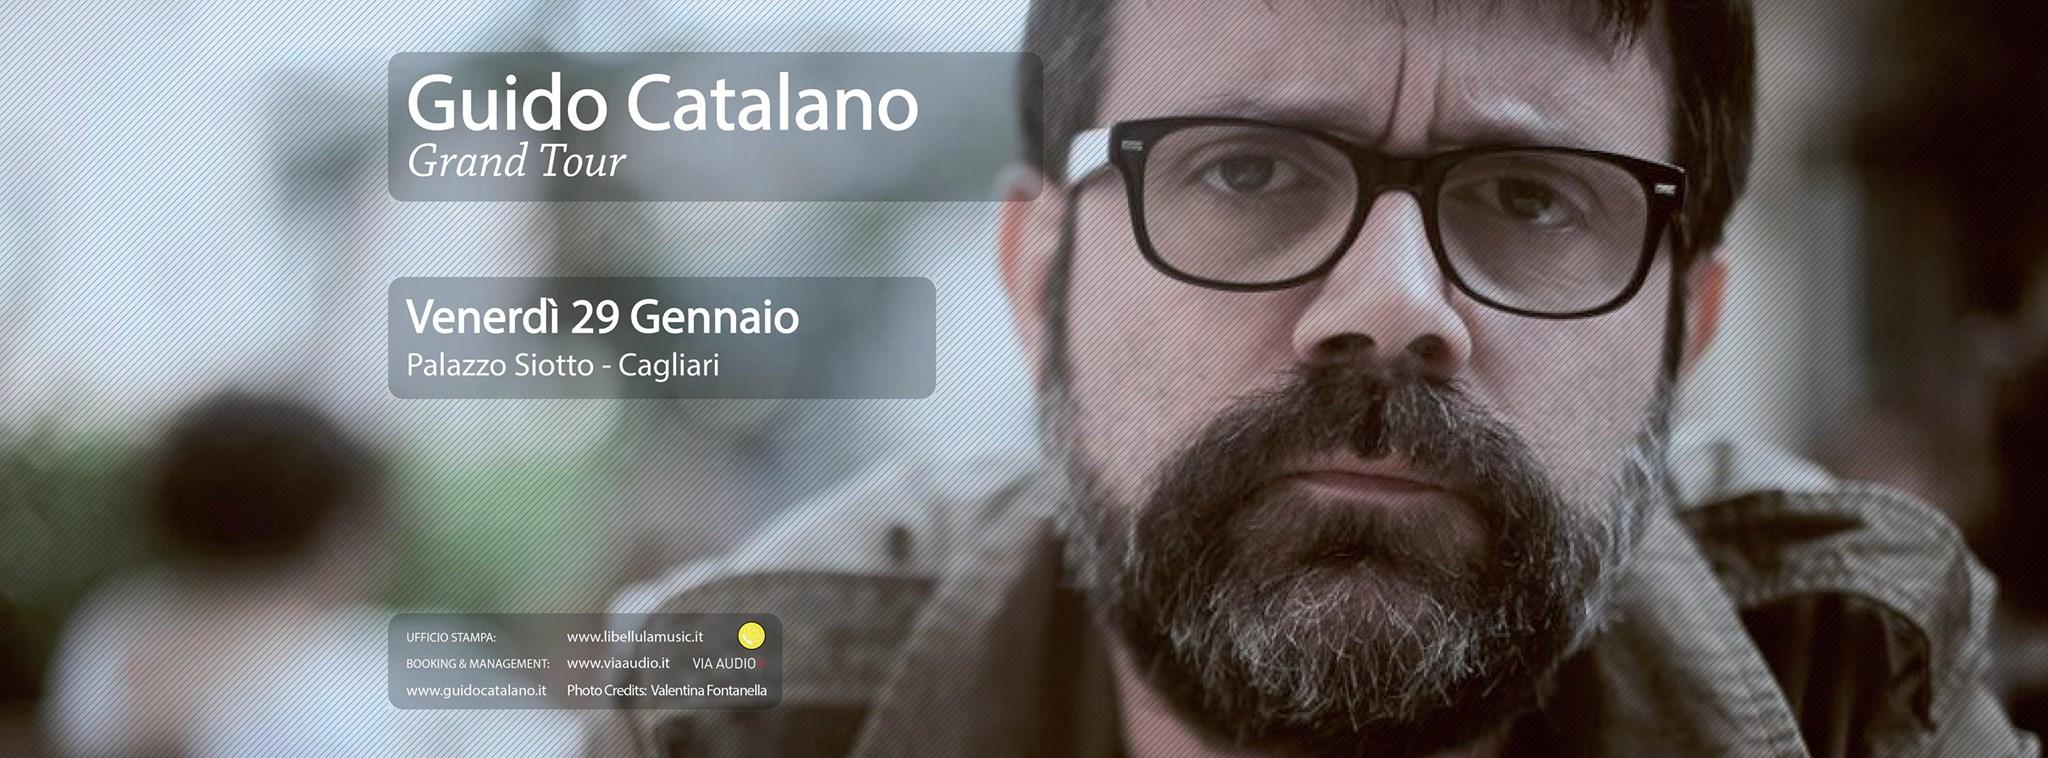 Guido Catalano